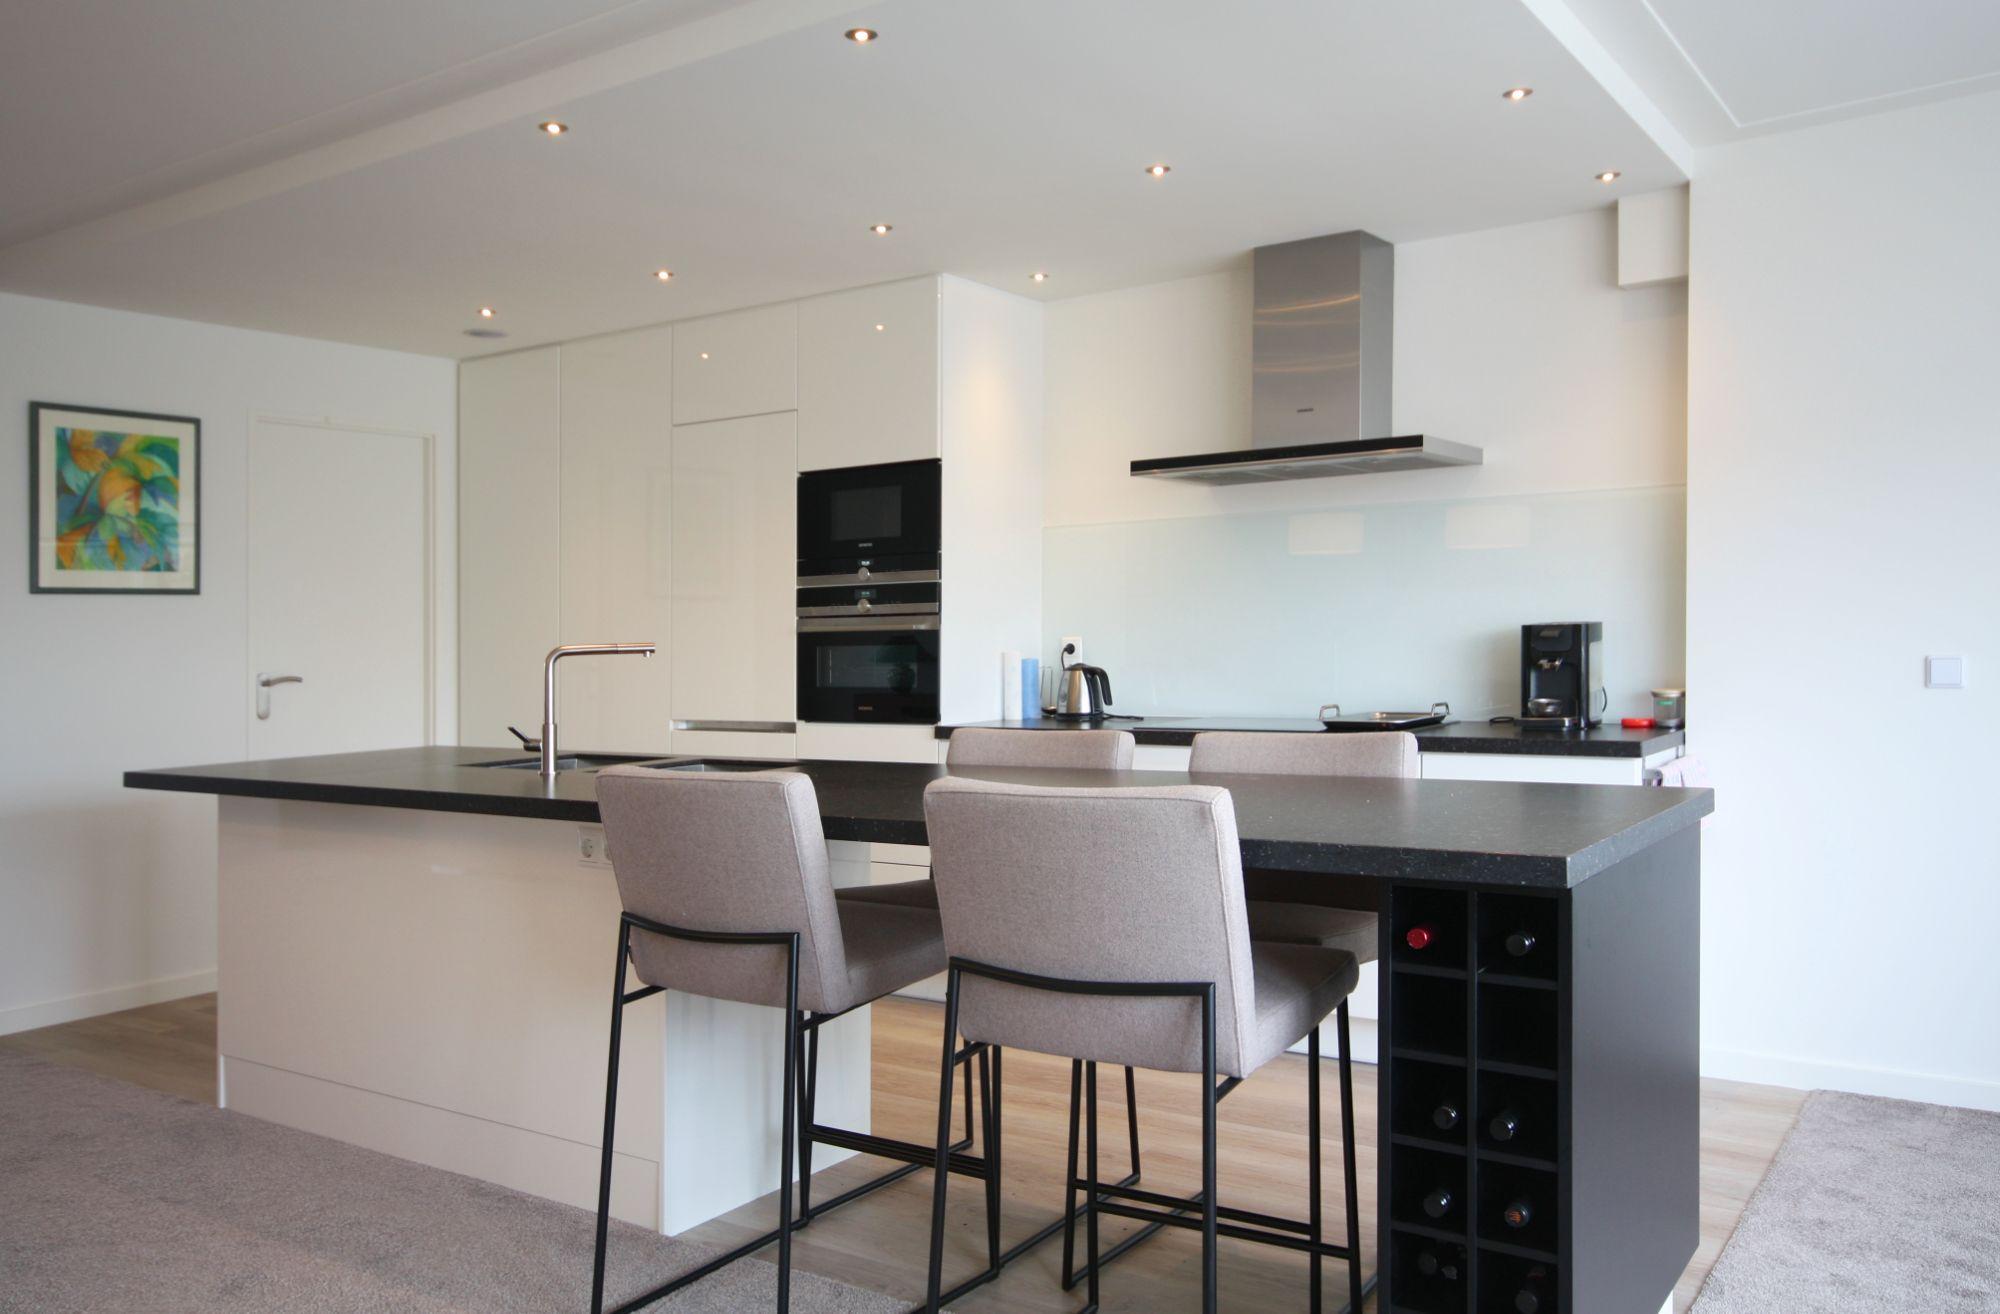 Led Spots Keuken : Maatwerk keuken verlaagdplafond met dimbare ledspots en 4